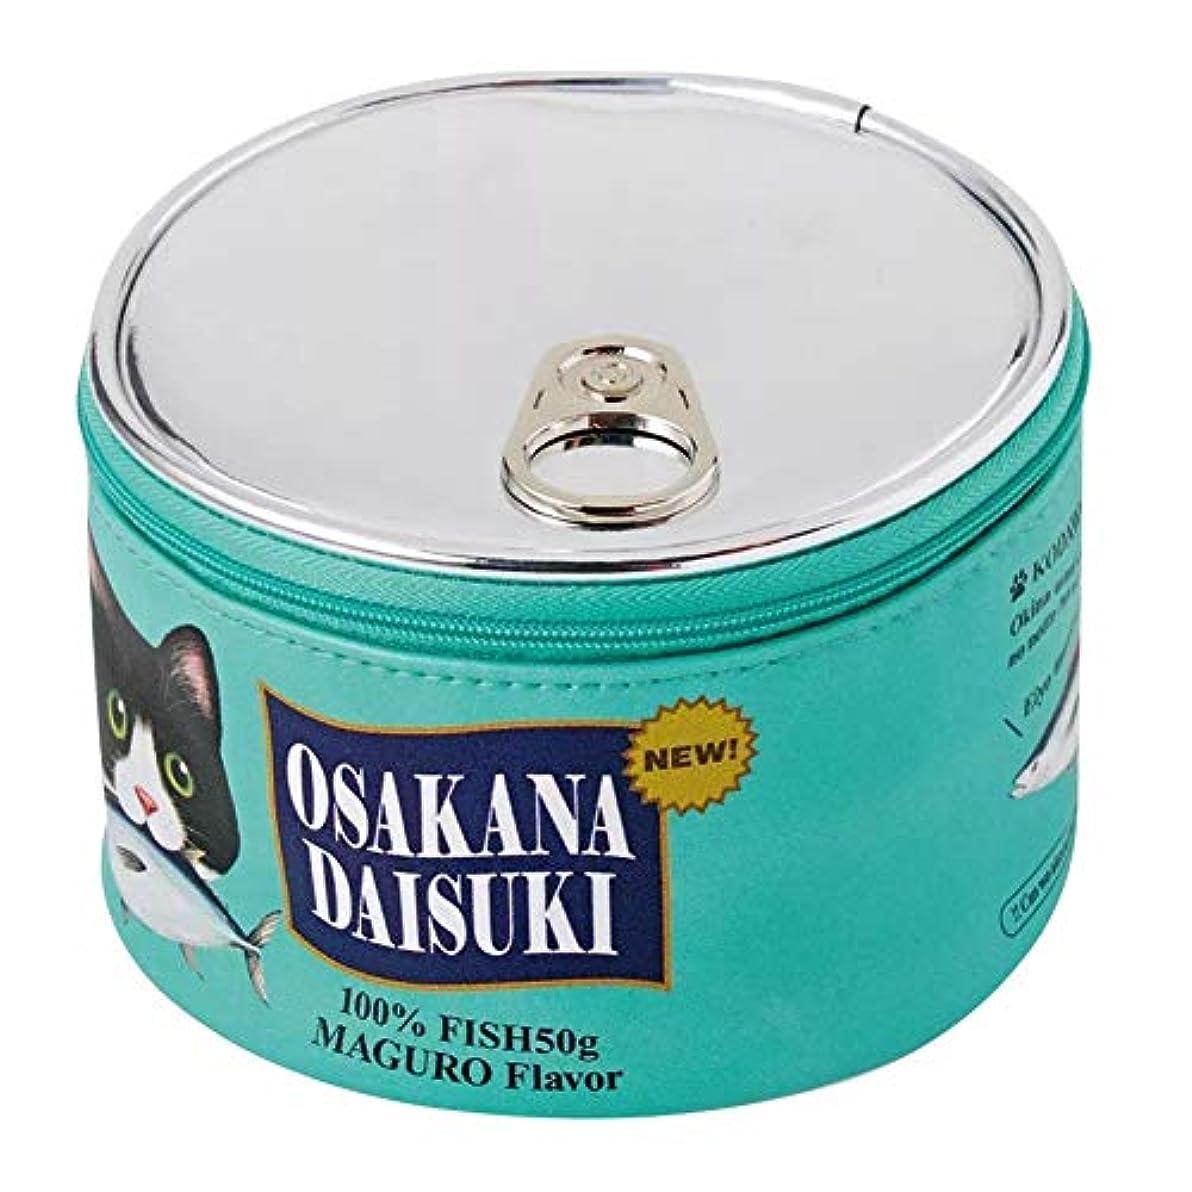 汚染予想する宇宙VICOODA 化粧ポーチ 猫缶ポーチ 化粧品収納 猫柄 かわいい おしゃれ レディース 持ち運び 旅行/出張用 (グリーン)